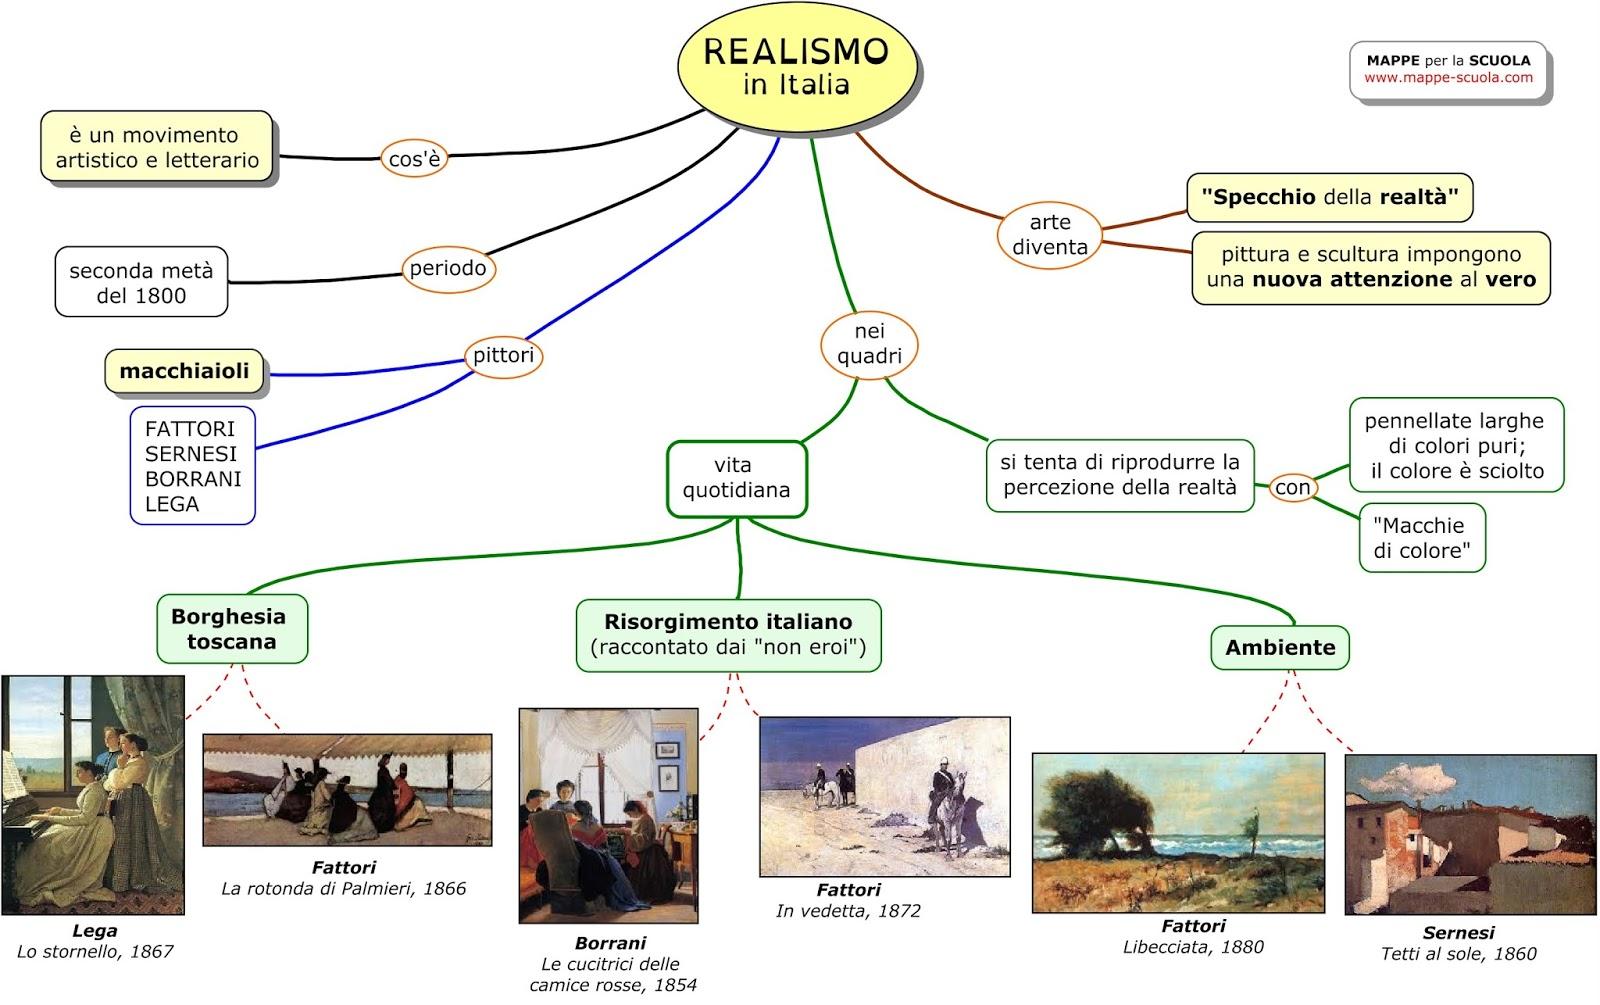 mappe per la scuola il realismo